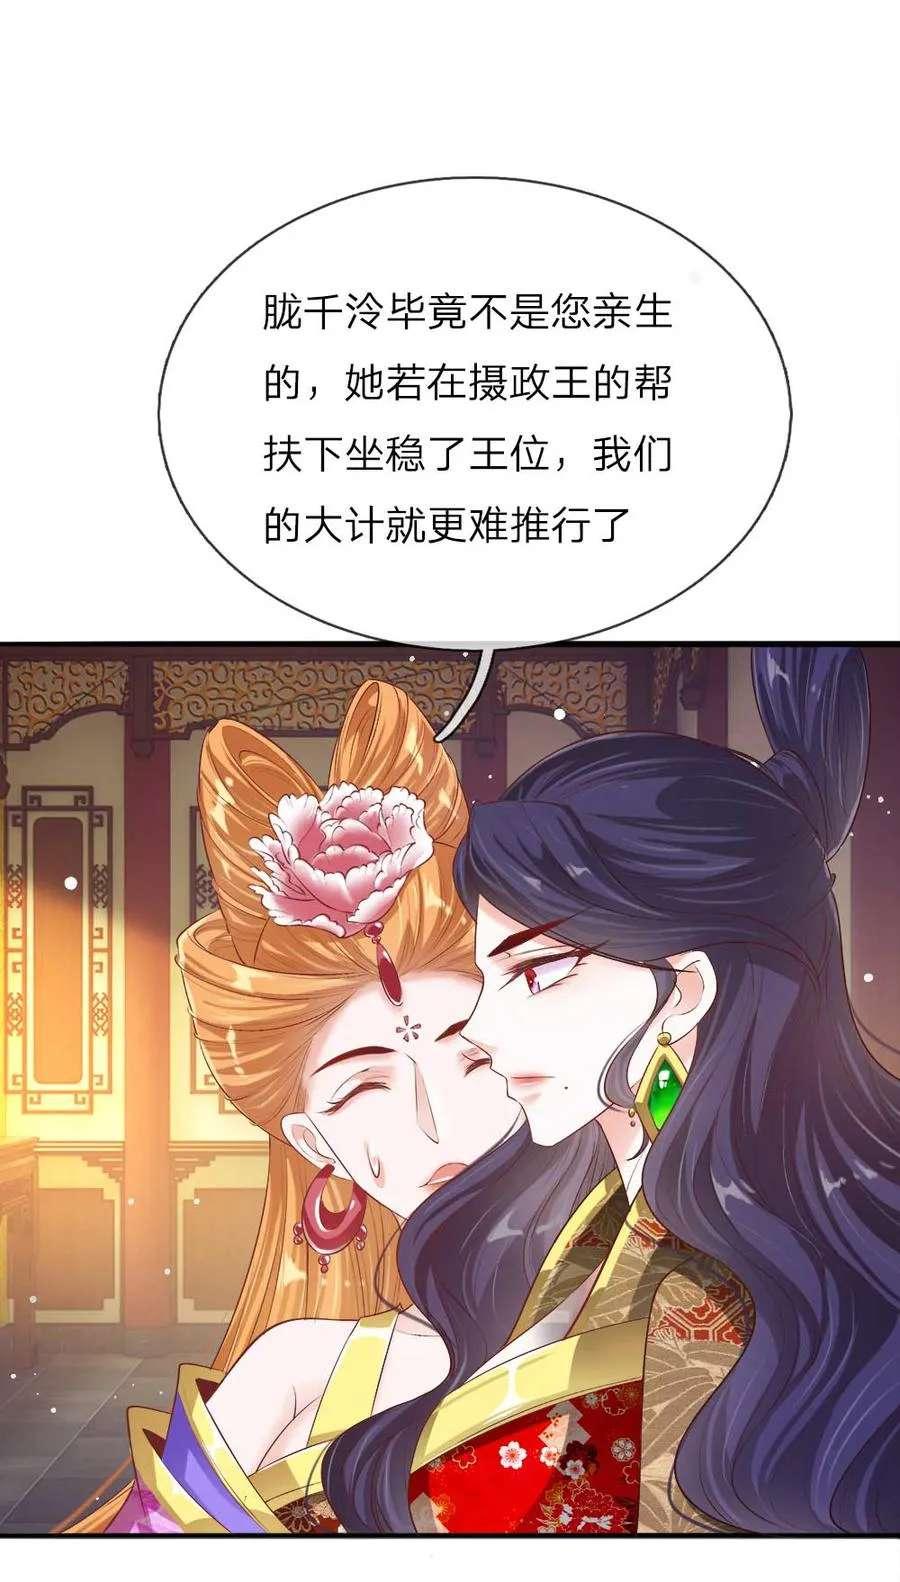 温柔暴君:摄政王爷太凶猛第17话  第17话 后母们的茶会 第 7